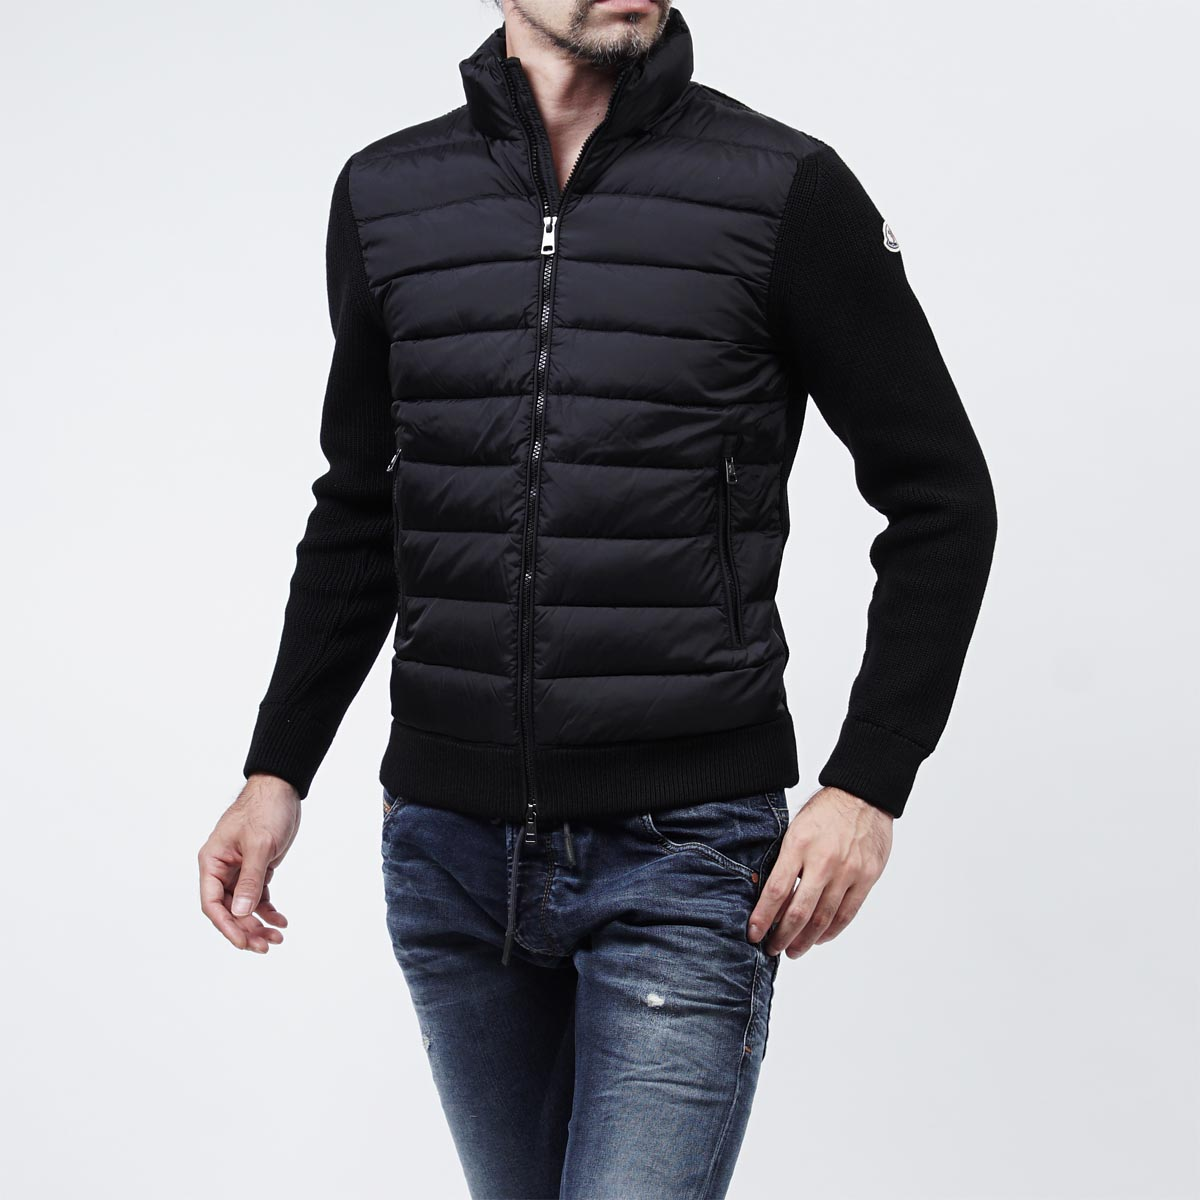 ダウンジャケットは人気5ブランドから選ぶ|今年真似したい冬コーデを拝見